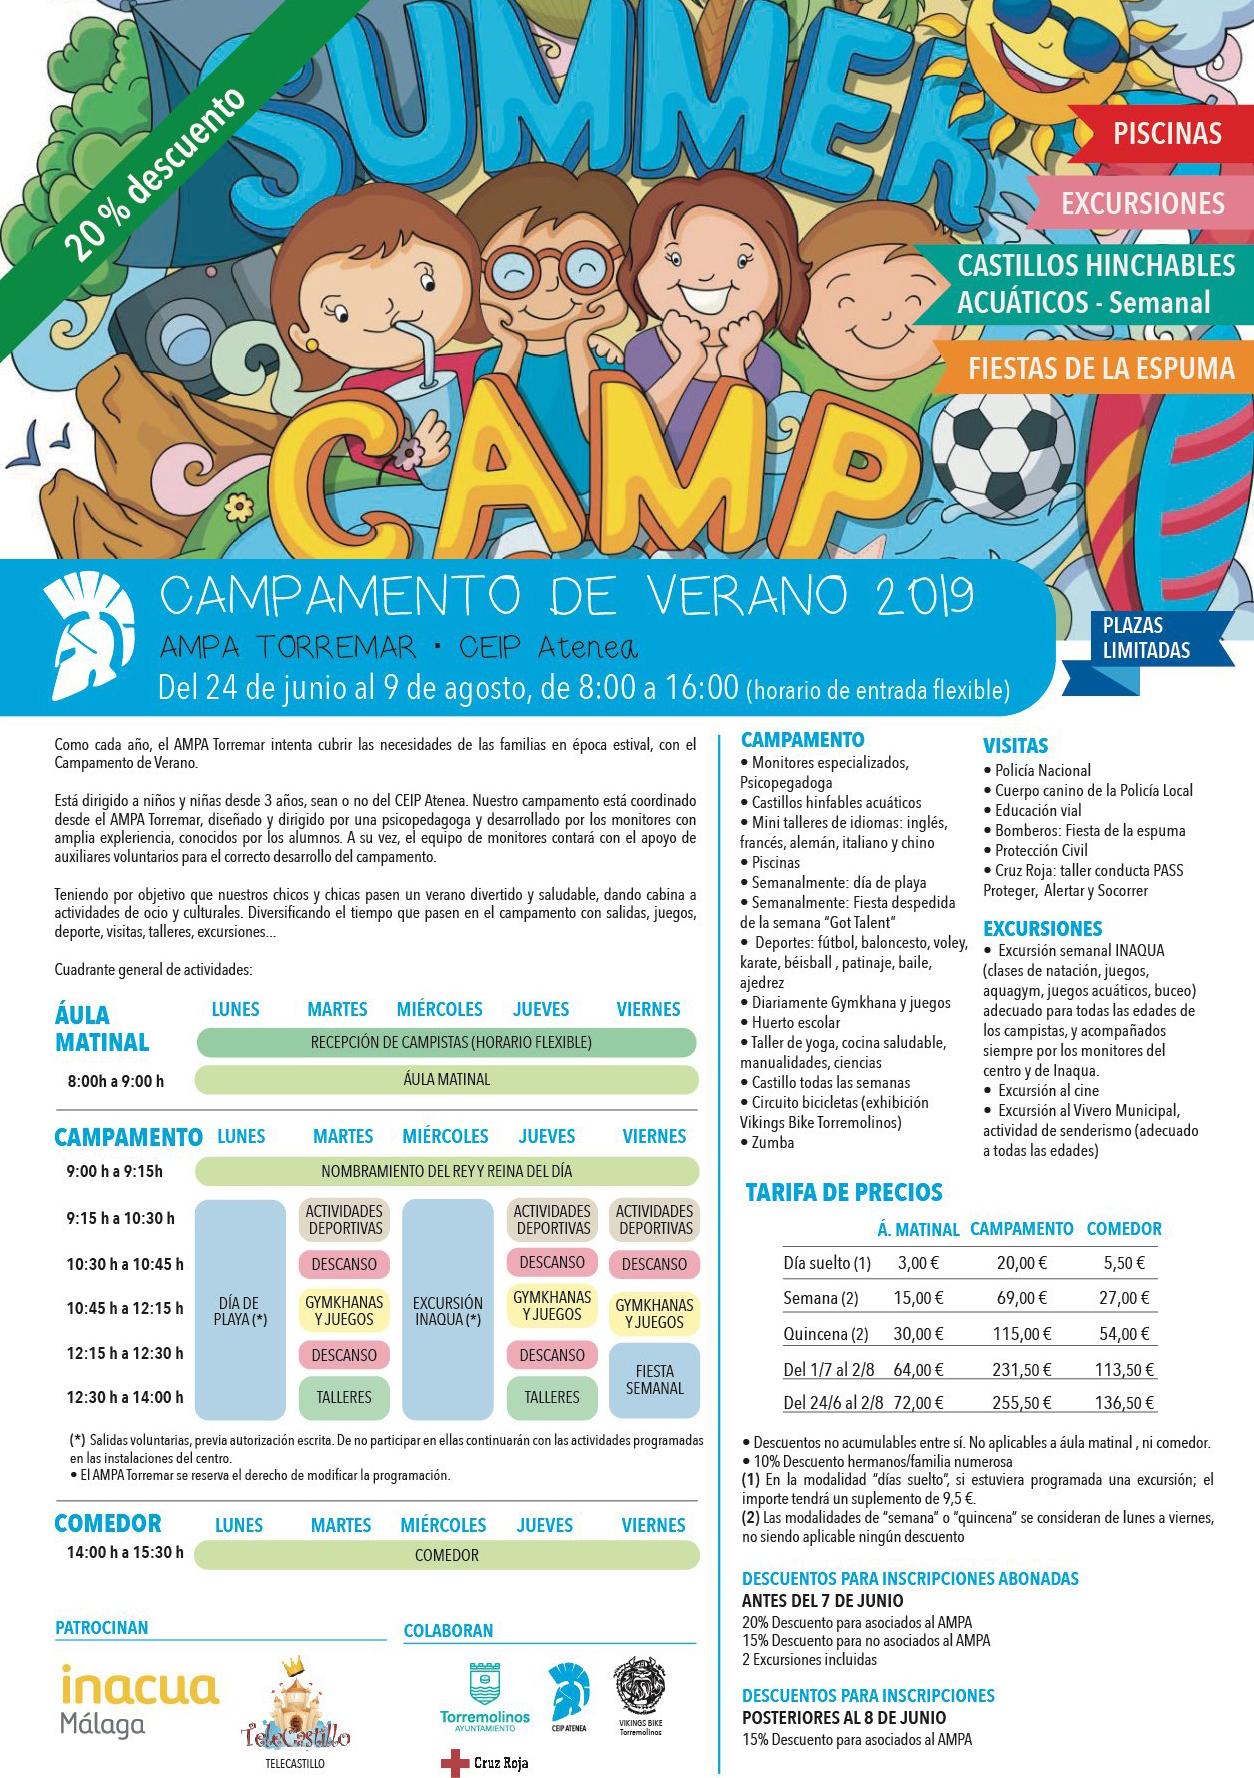 Campamento de Verano 2019. CEIP ATENEA. AMPA TORREMAR